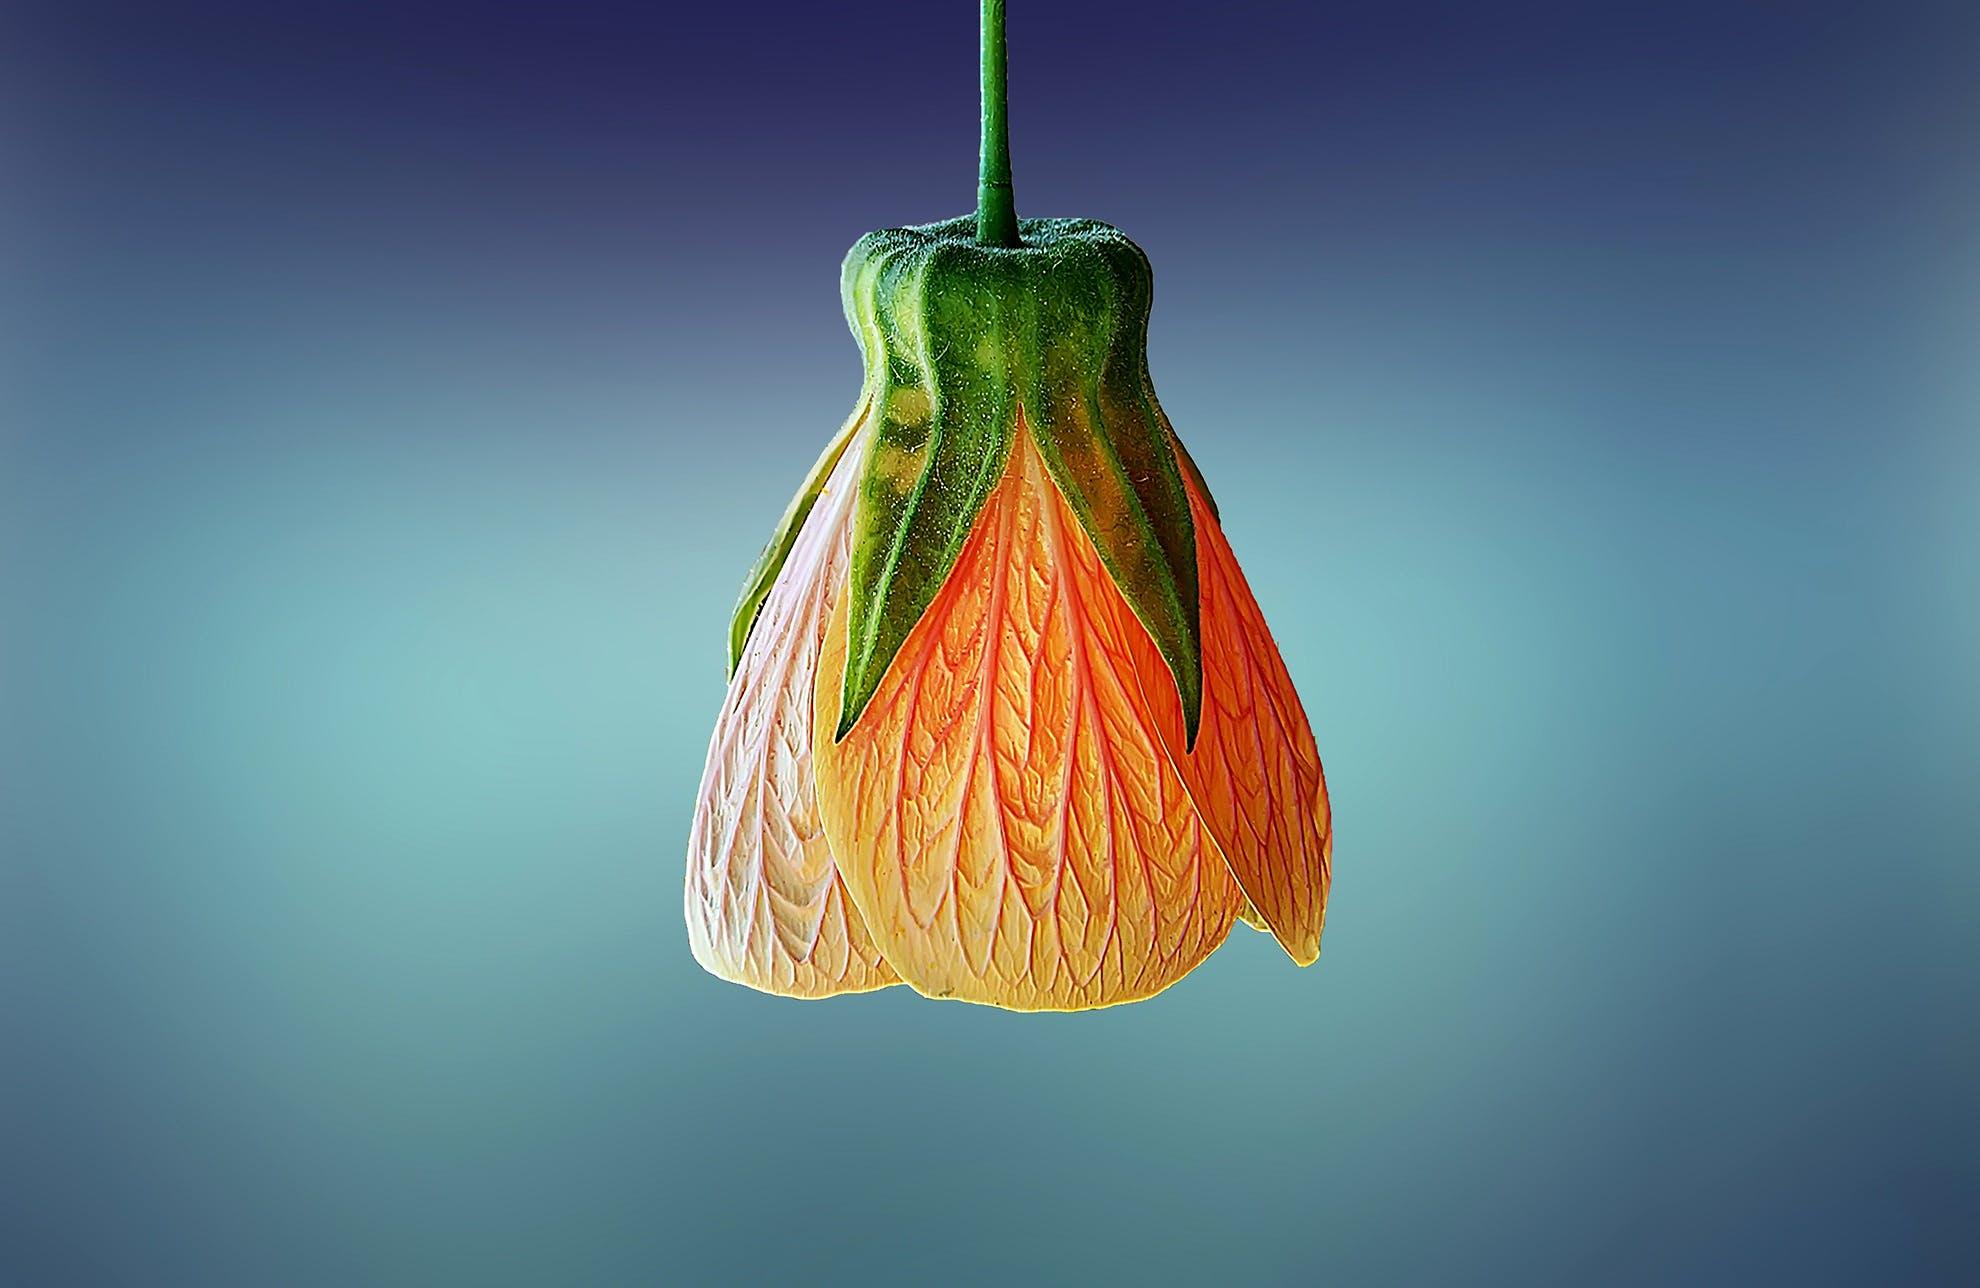 Close-up Photography of Orange Flower Bud